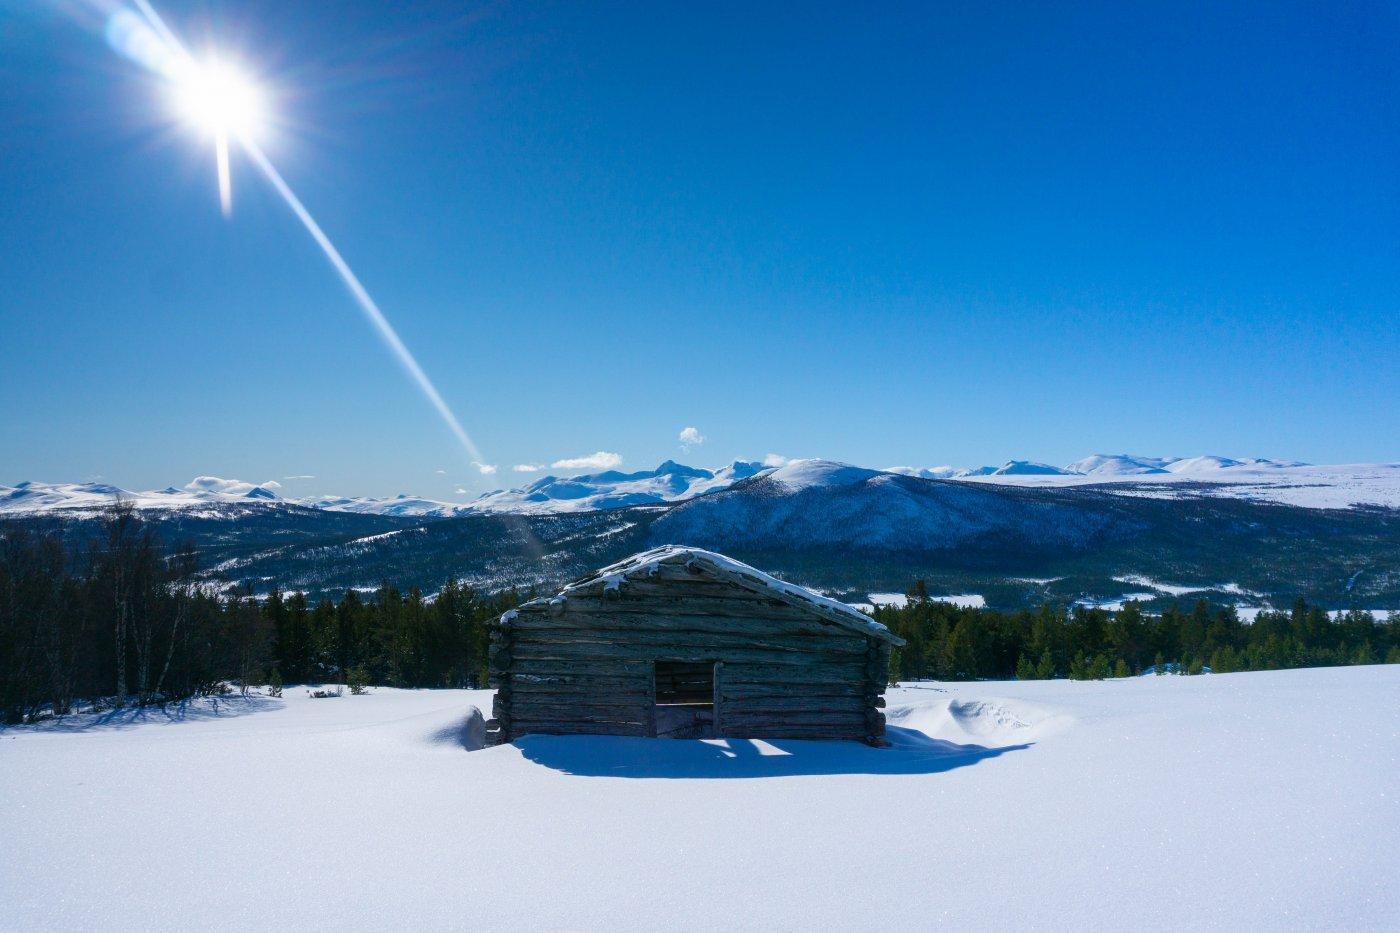 blå himmel, hvit snø og en liten urhytte i vinterlandskap